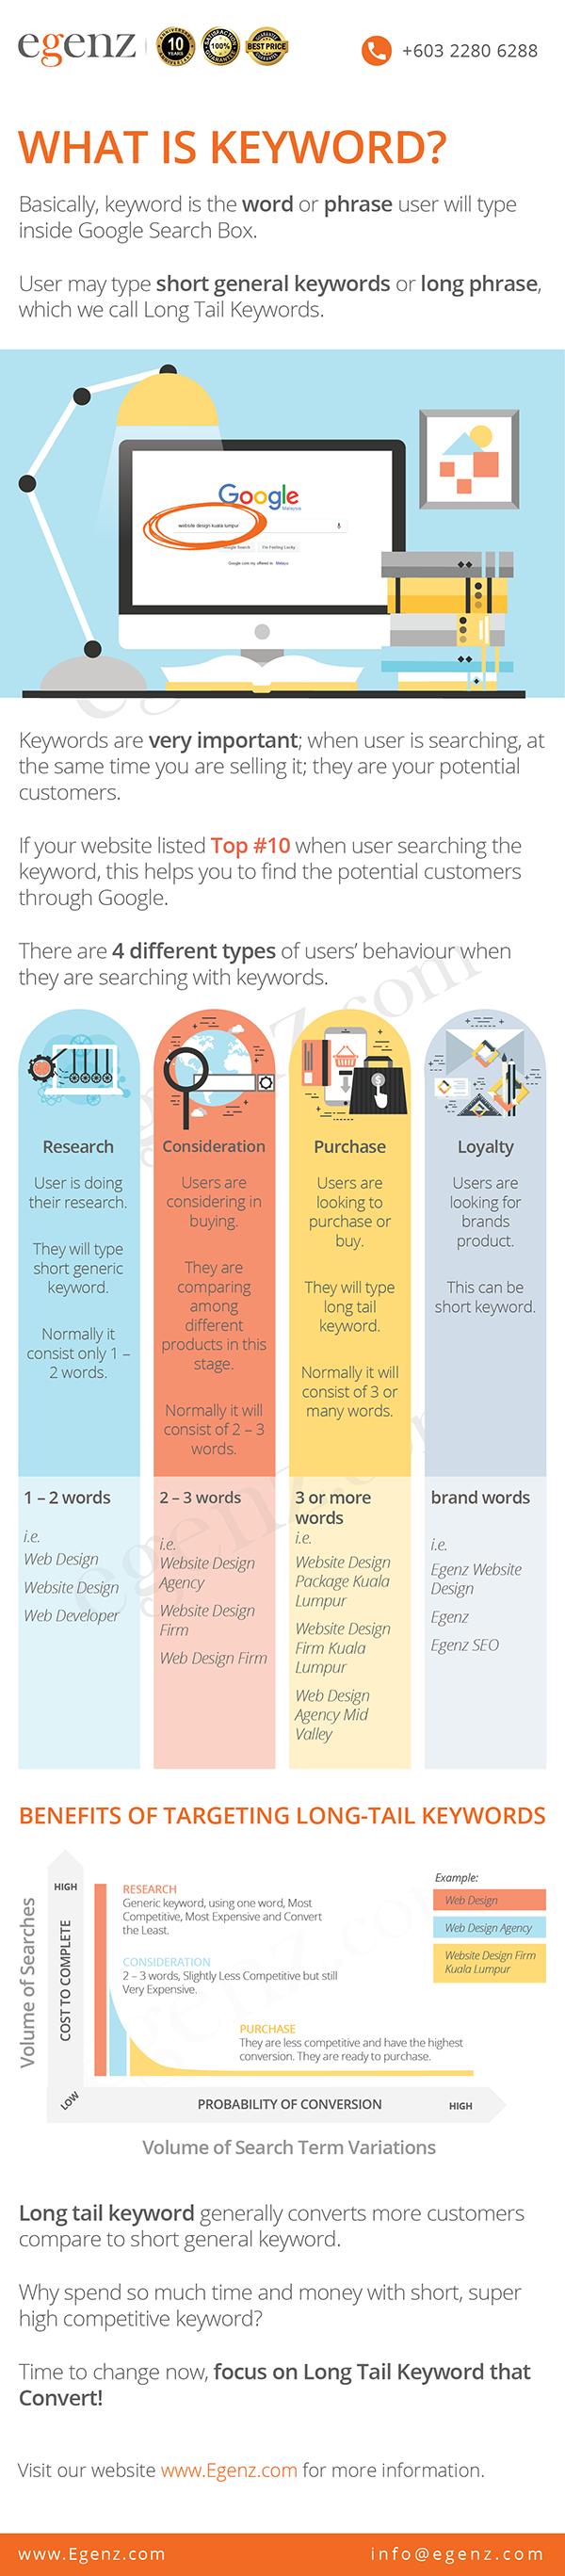 Infographic-How-To-Write-A-Successful-Website-Content-Egenz.com